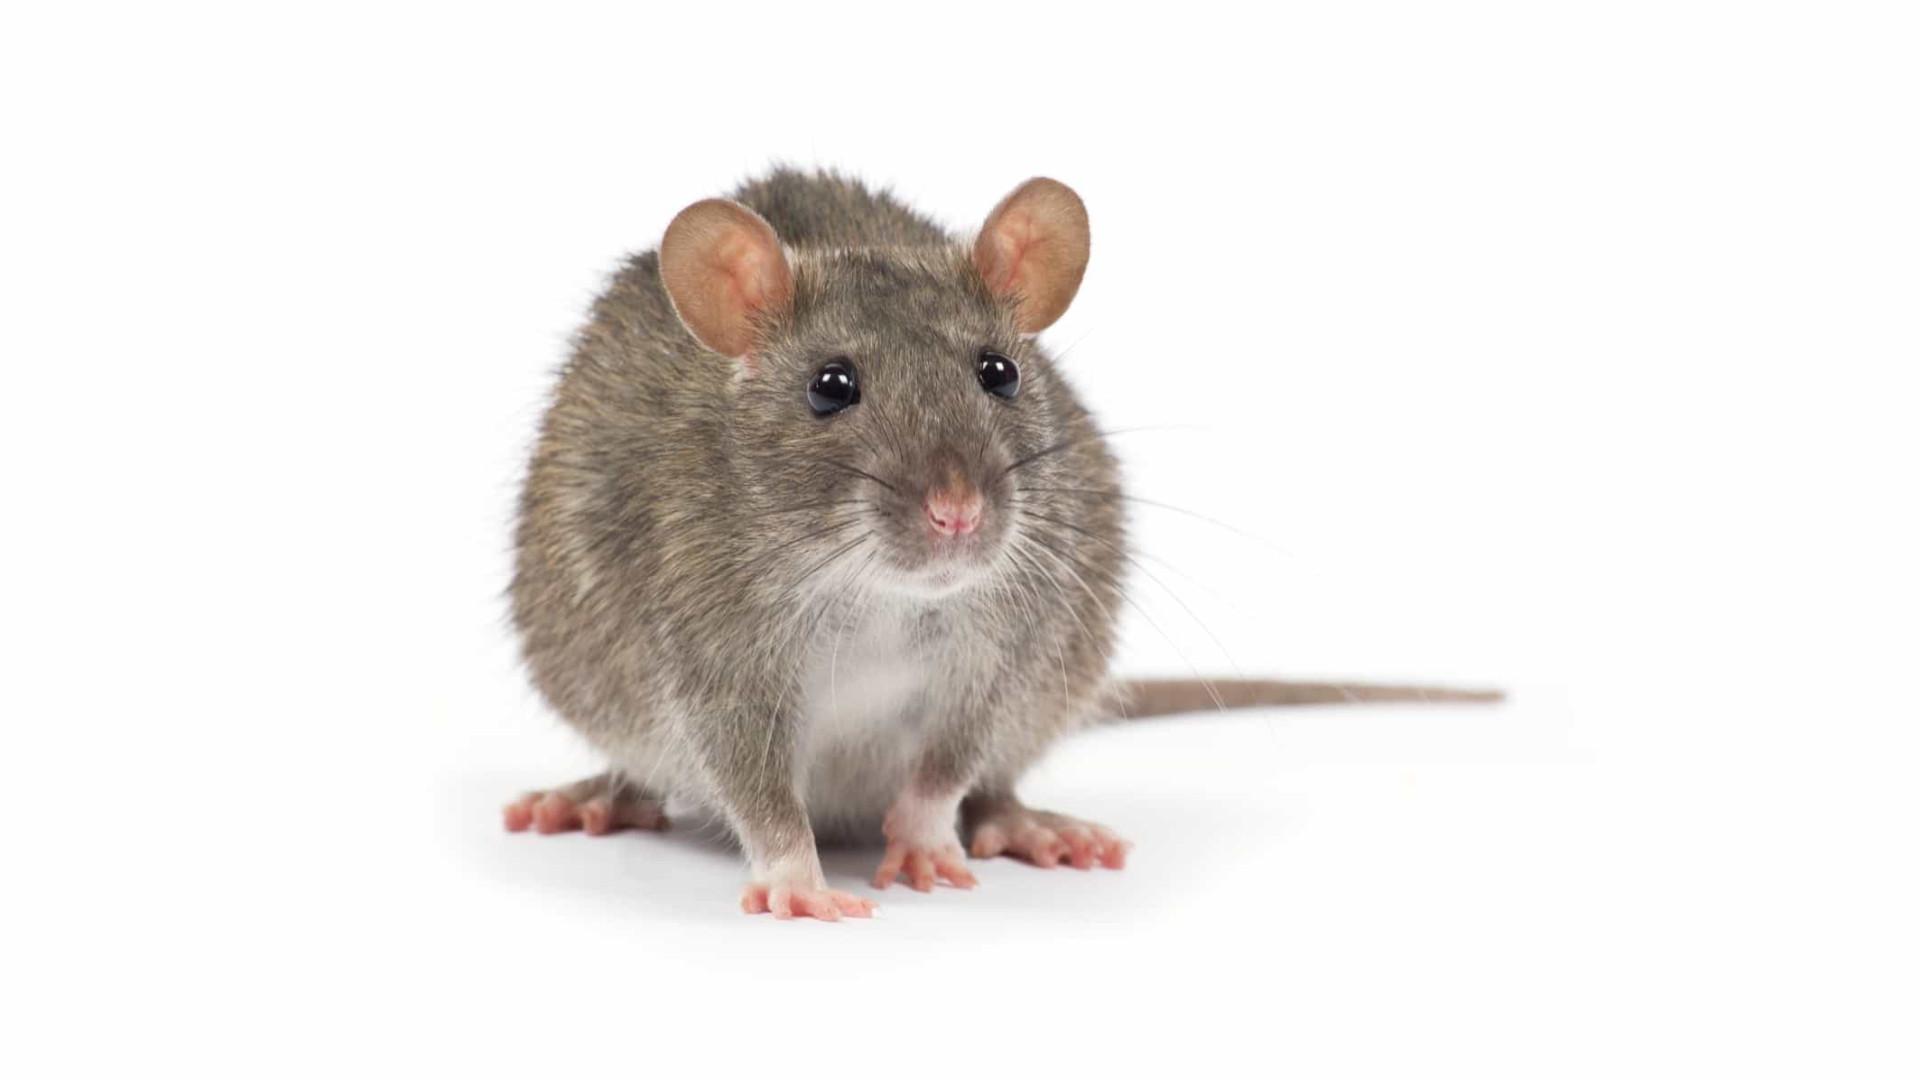 Cientistas japoneses querem criar híbridos entre humanos e animais